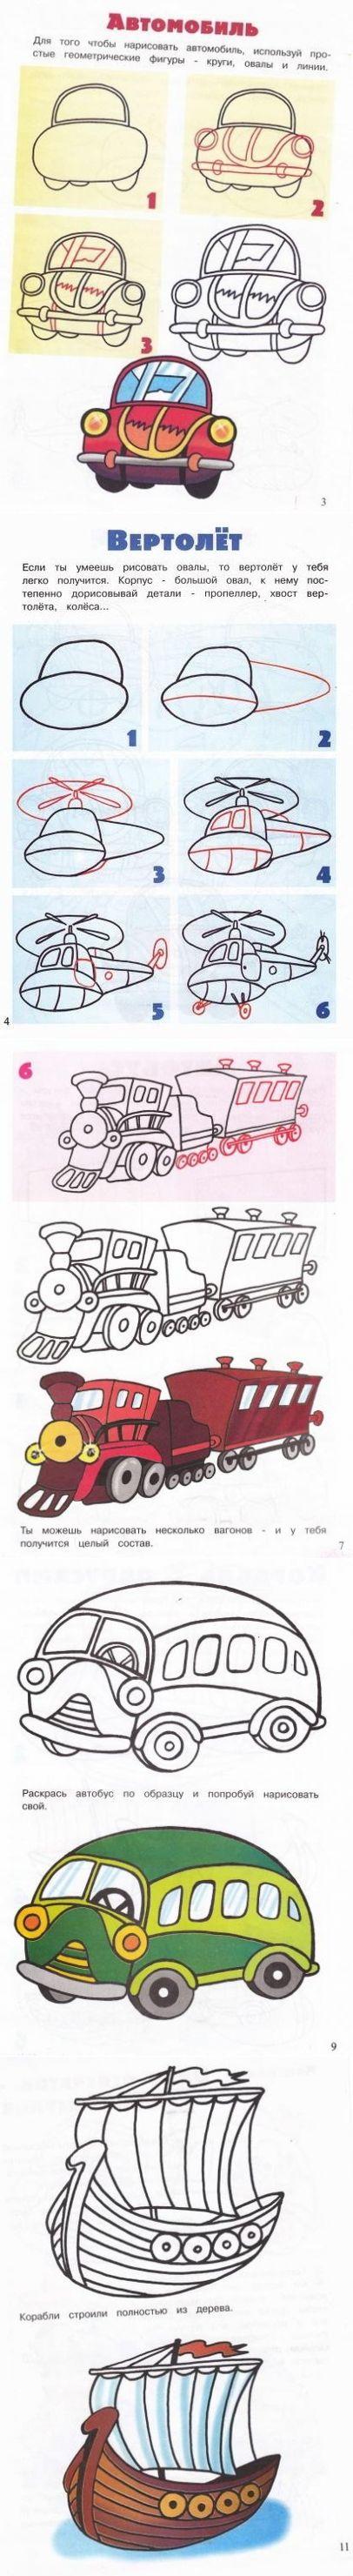 Уроки рисования: как нарисовать автомобиль, вертолет, поезд, автобус, корабль - Поделки с детьми